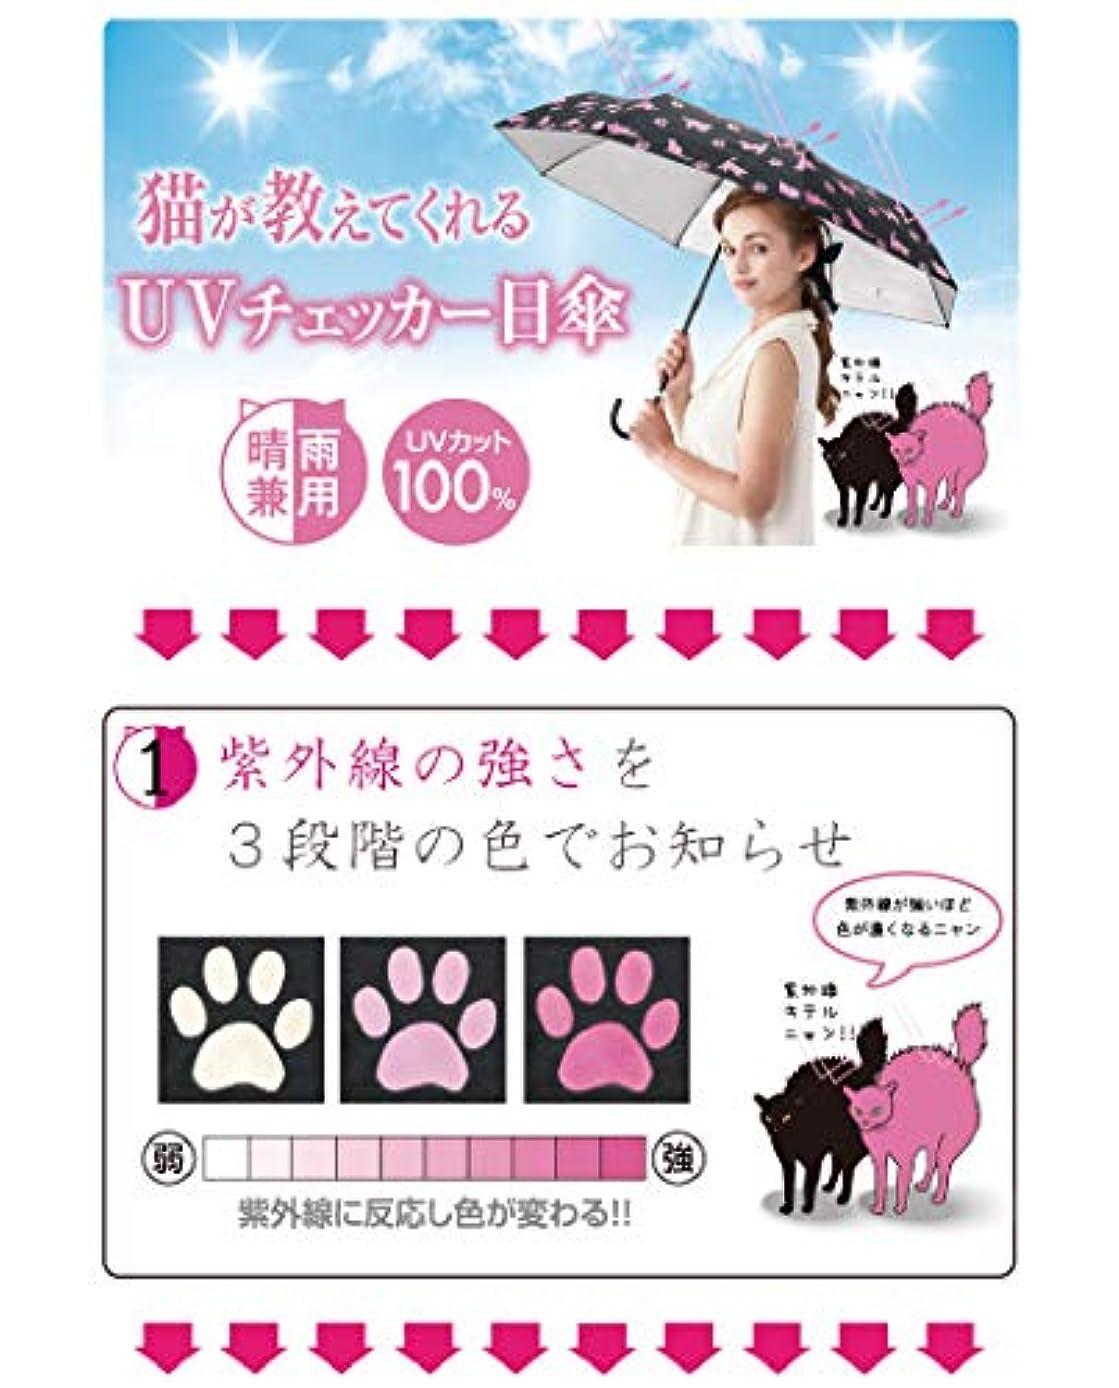 雇用者光のあたりネコとお散歩 ネコのUVお散歩日傘【晴雨兼用/紫外線カット/幅広サイズ/可愛い】